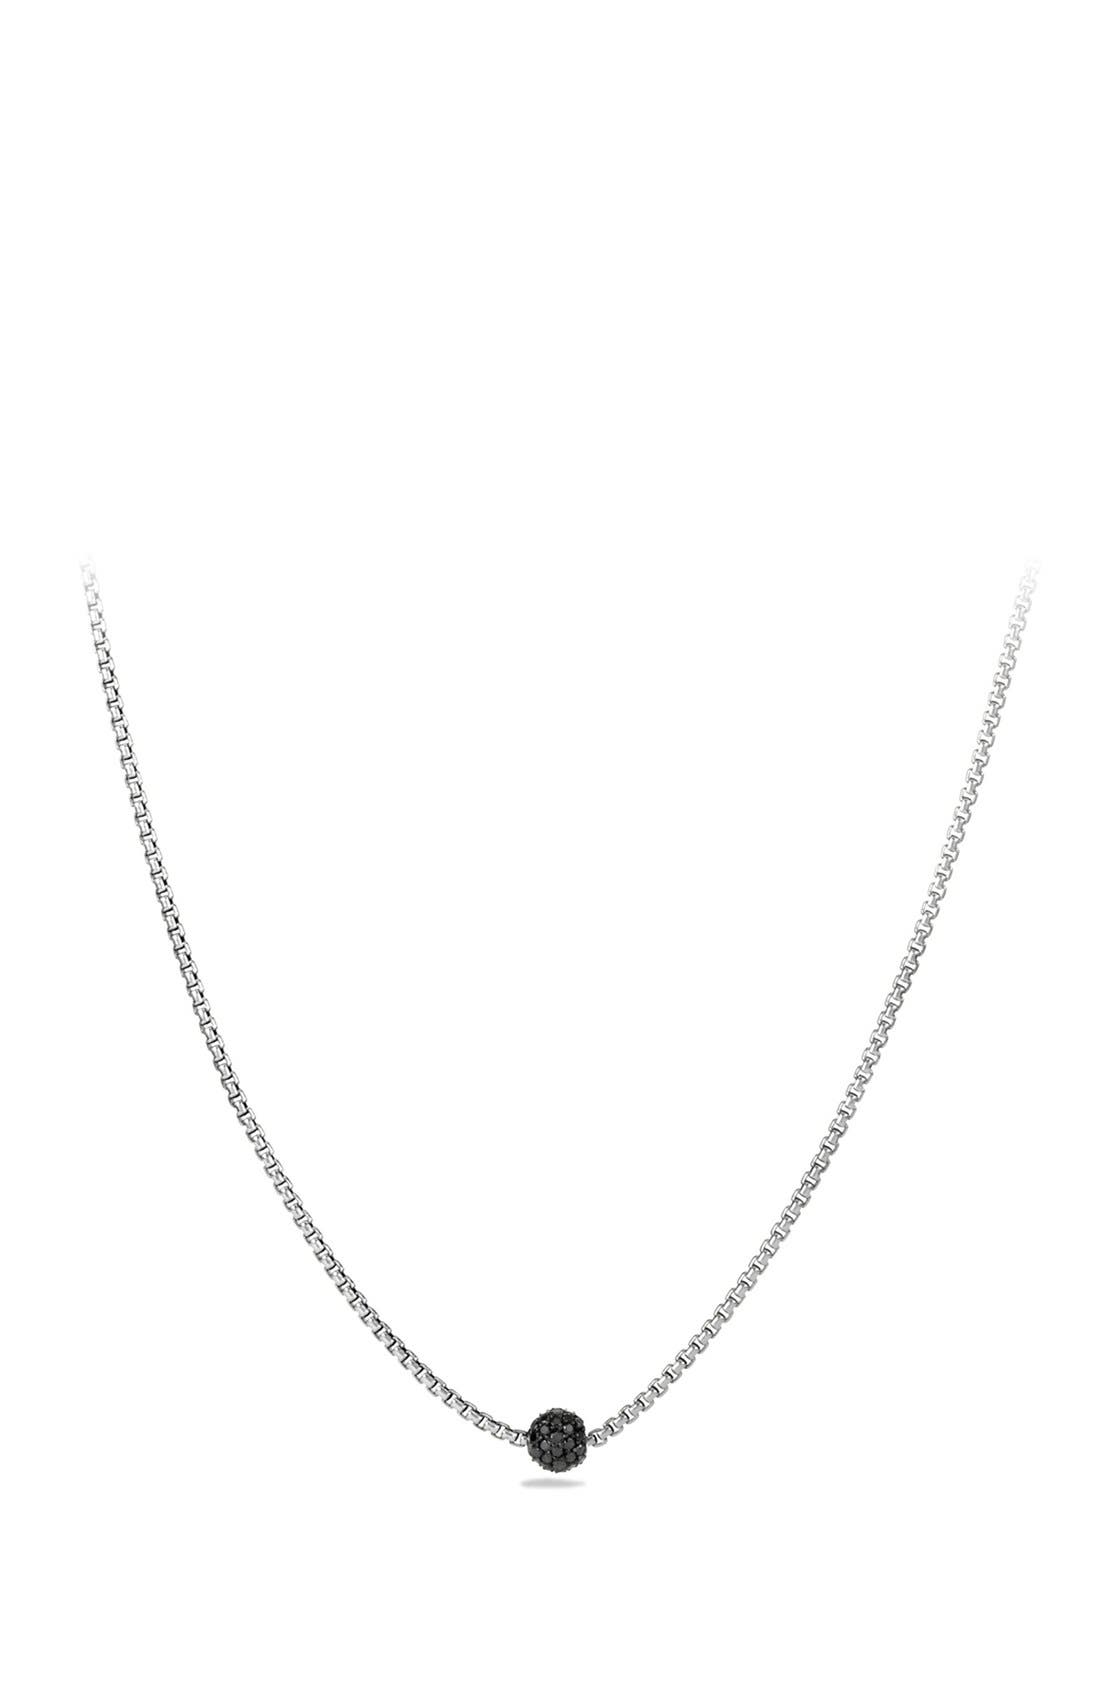 David Yurman 'Petite Pavé' Necklace with Diamonds